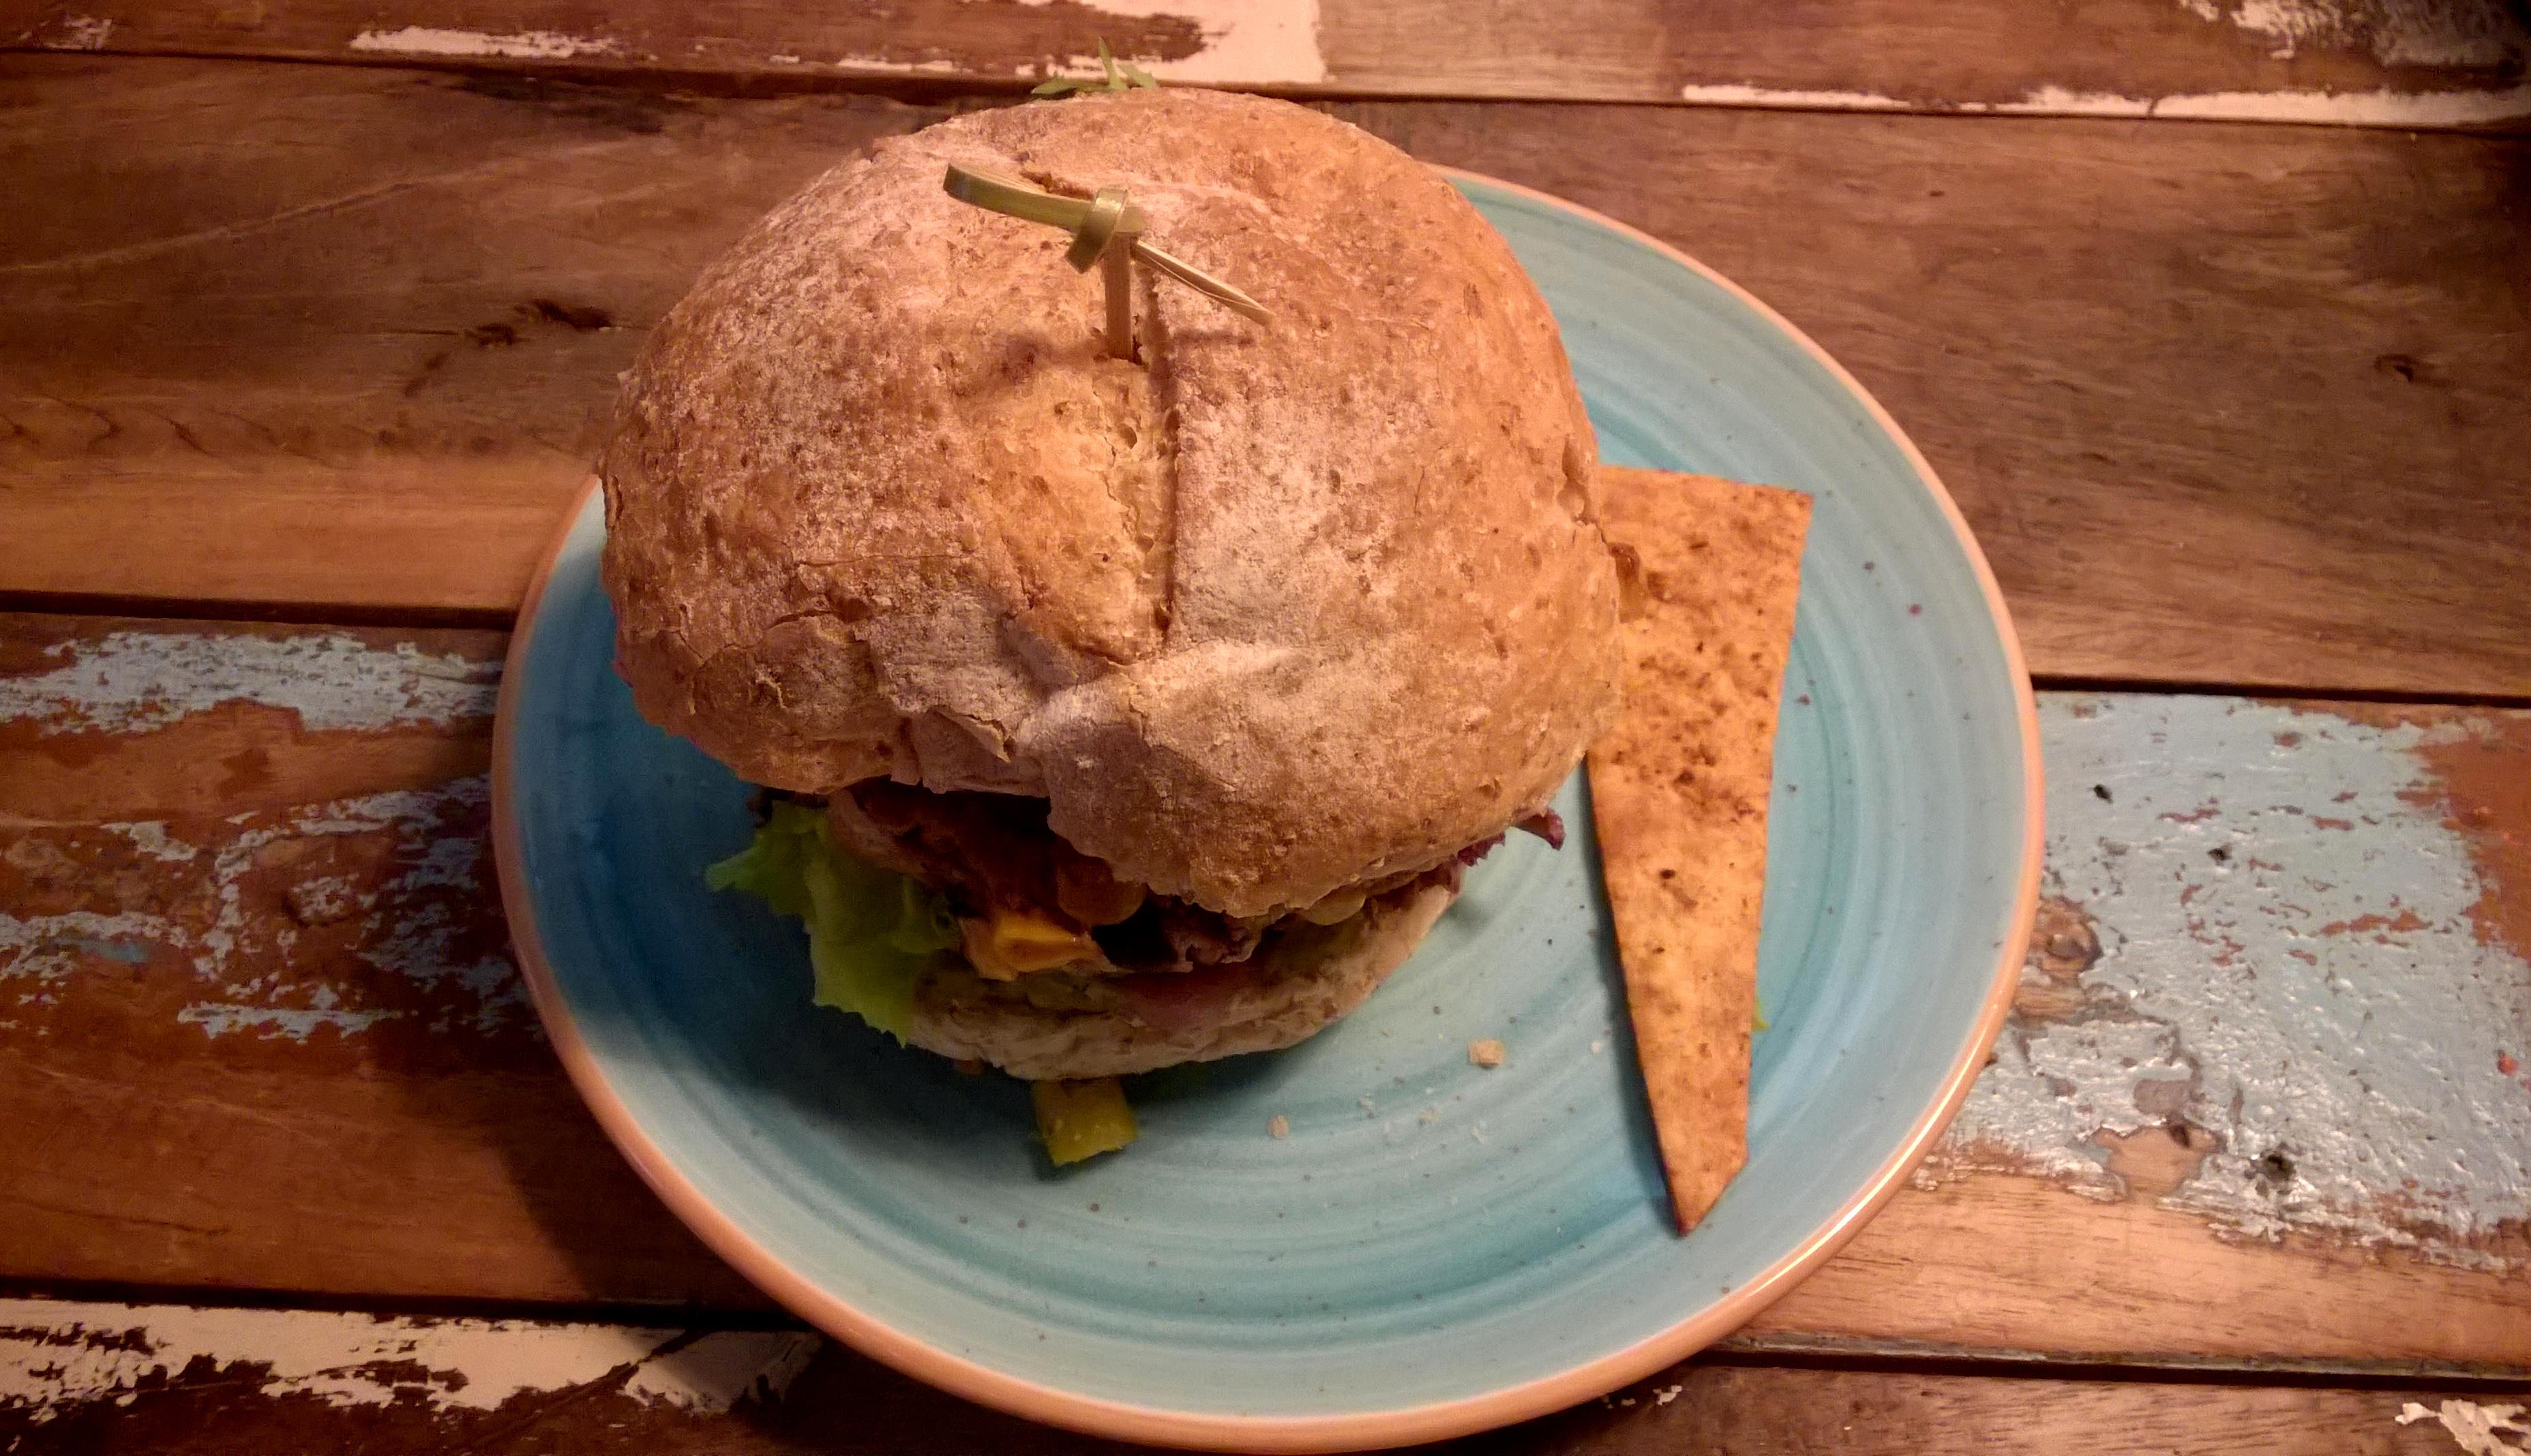 Beanalicious burger at Wadapartja